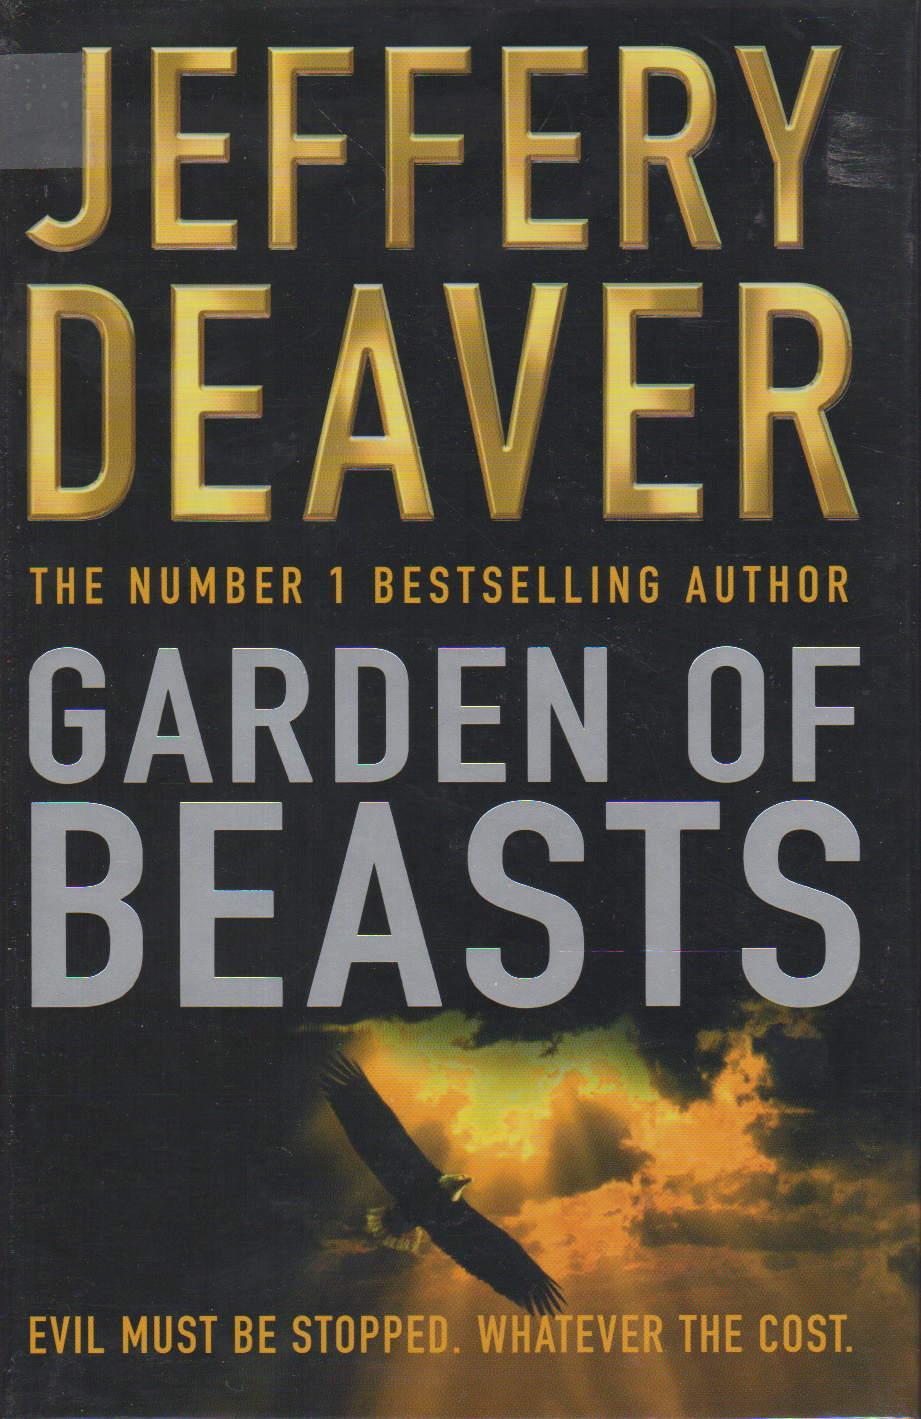 DEAVER, JEFFERY. - GARDEN OF BEASTS: A Novel of Berlin 1936.